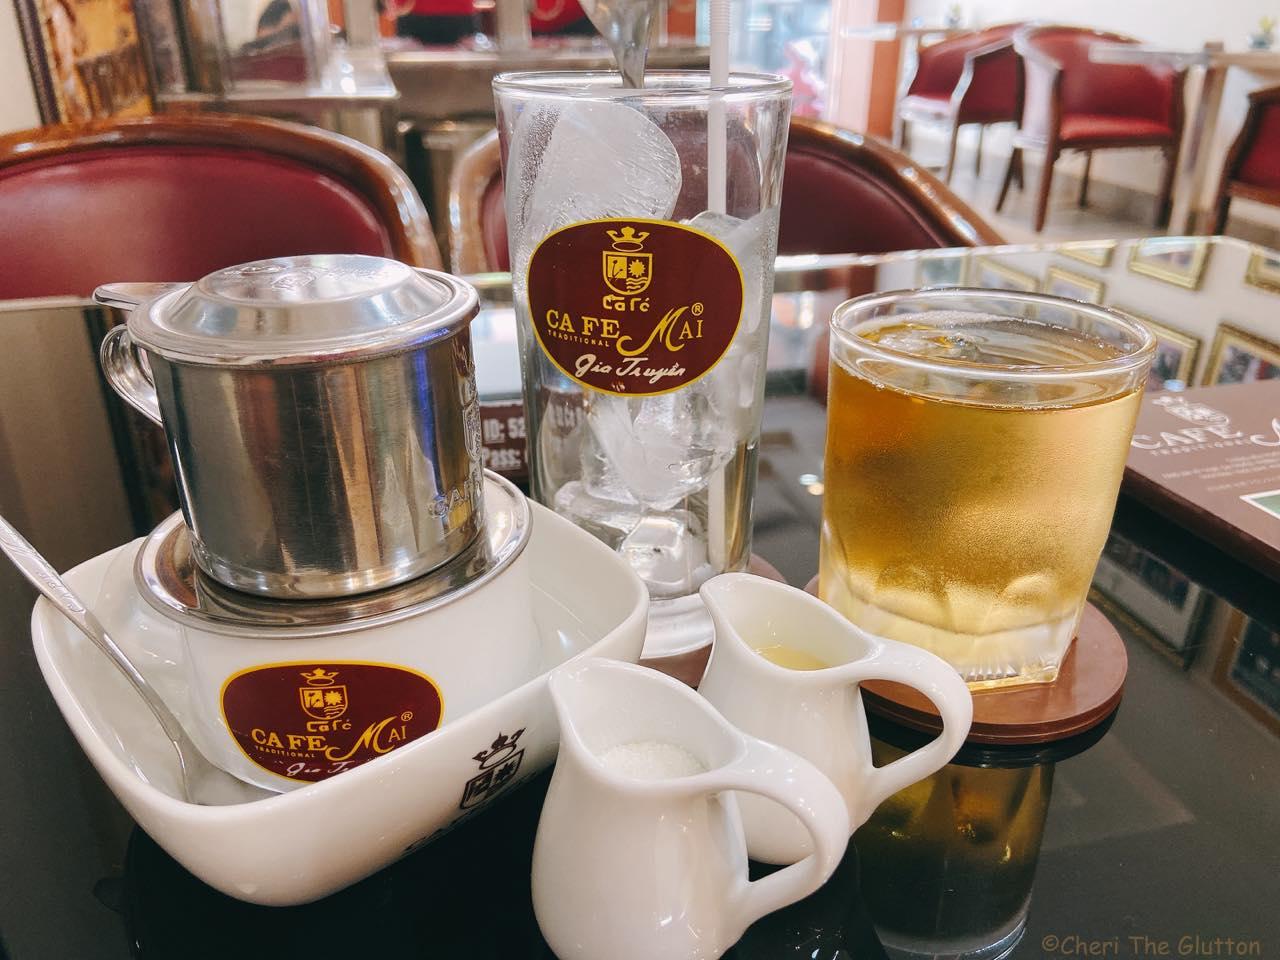 Cafe Mai コーヒーセット